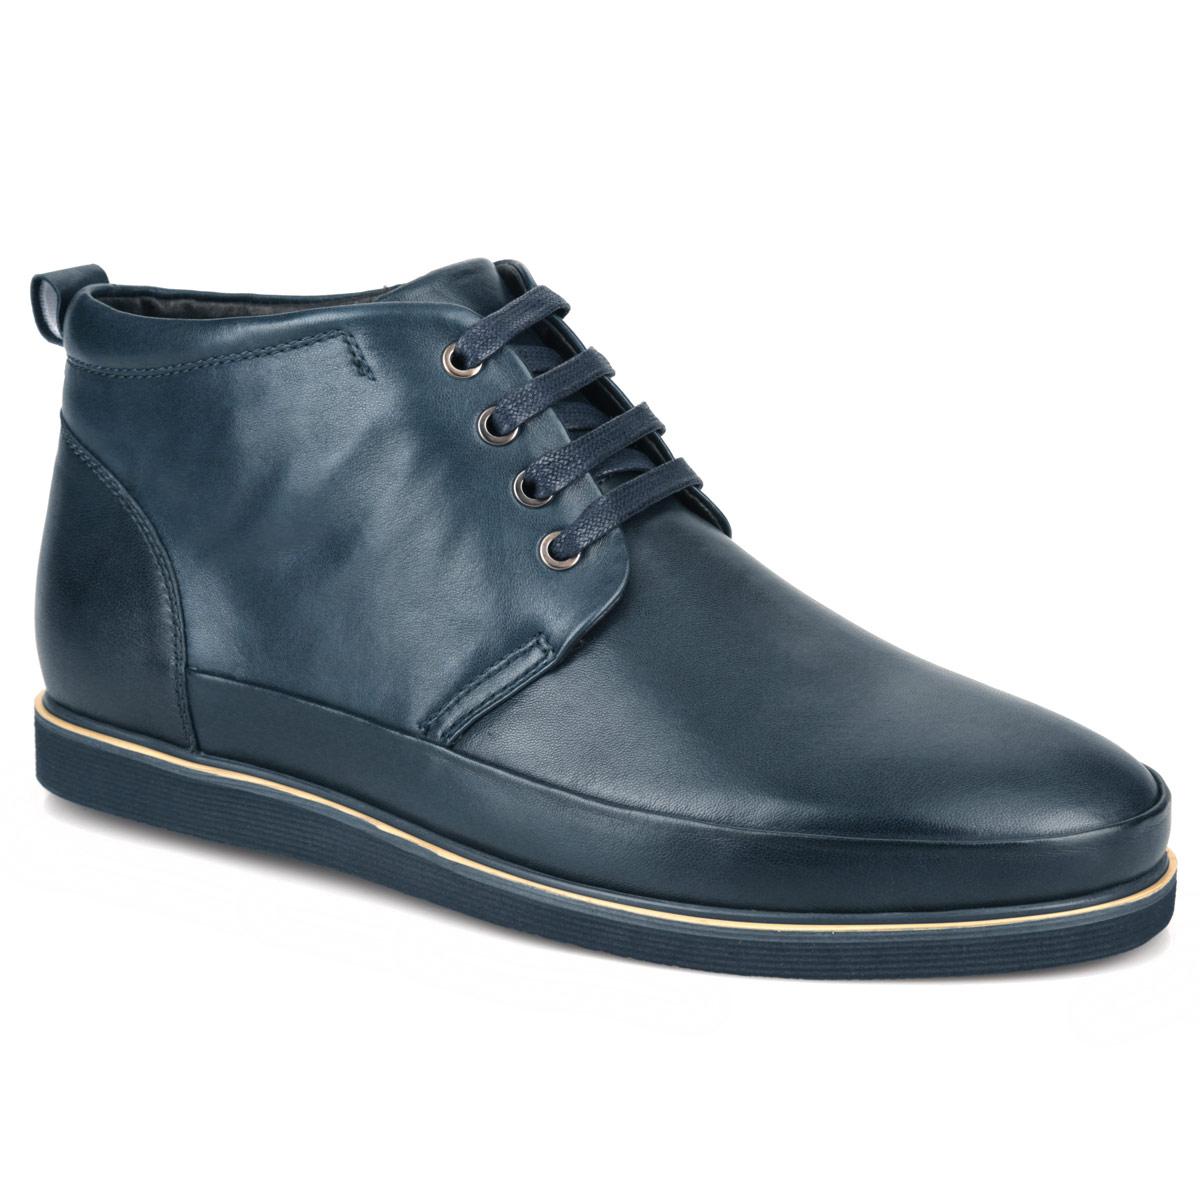 M21132Стильные мужские ботинки от Vitacci отличный вариант на каждый день. Модель выполнена из натуральной кожи. Подкладка из мягкого ворсина защитит ноги от холода и обеспечит комфорт. Классическая шнуровка надежно фиксирует модель на ноге. Задник изделия украшен наружным ярлычком. Ботинки застегиваются на молнию, расположенную на одной из боковых сторон.Подошва с логотипом Vitacci из термополиуретана с рельефным протектором обеспечивает отличное сцепление на любой поверхности. В этих ботинках вашим ногам будет комфортно и уютно. Они подчеркнут ваш стиль и индивидуальность.